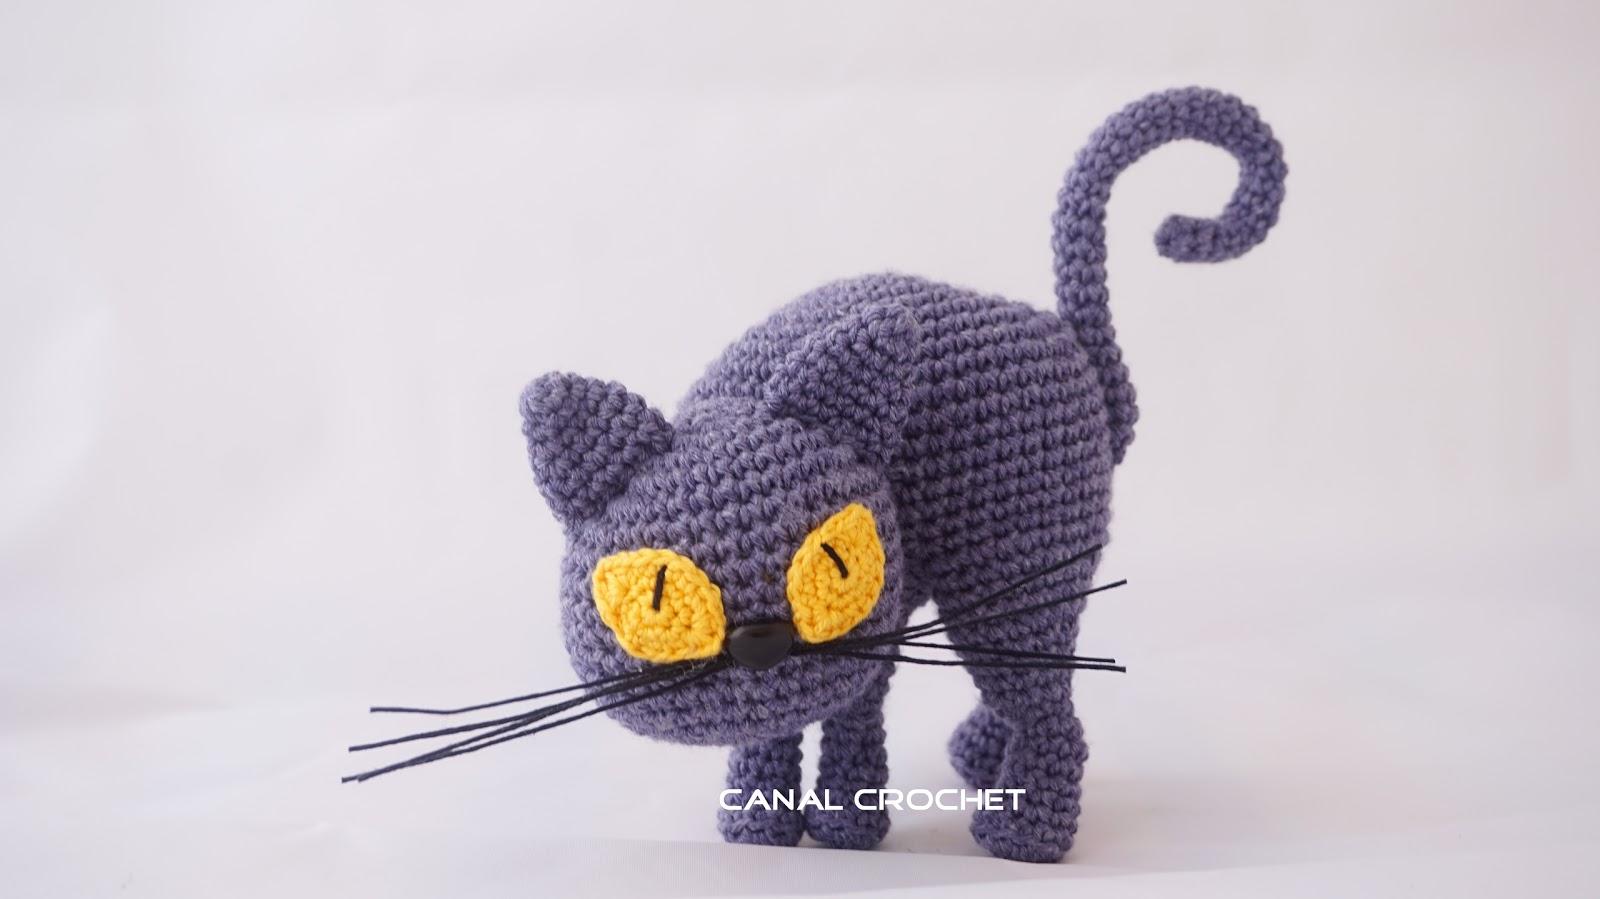 CANAL CROCHET: Gato amigurumi tutorial